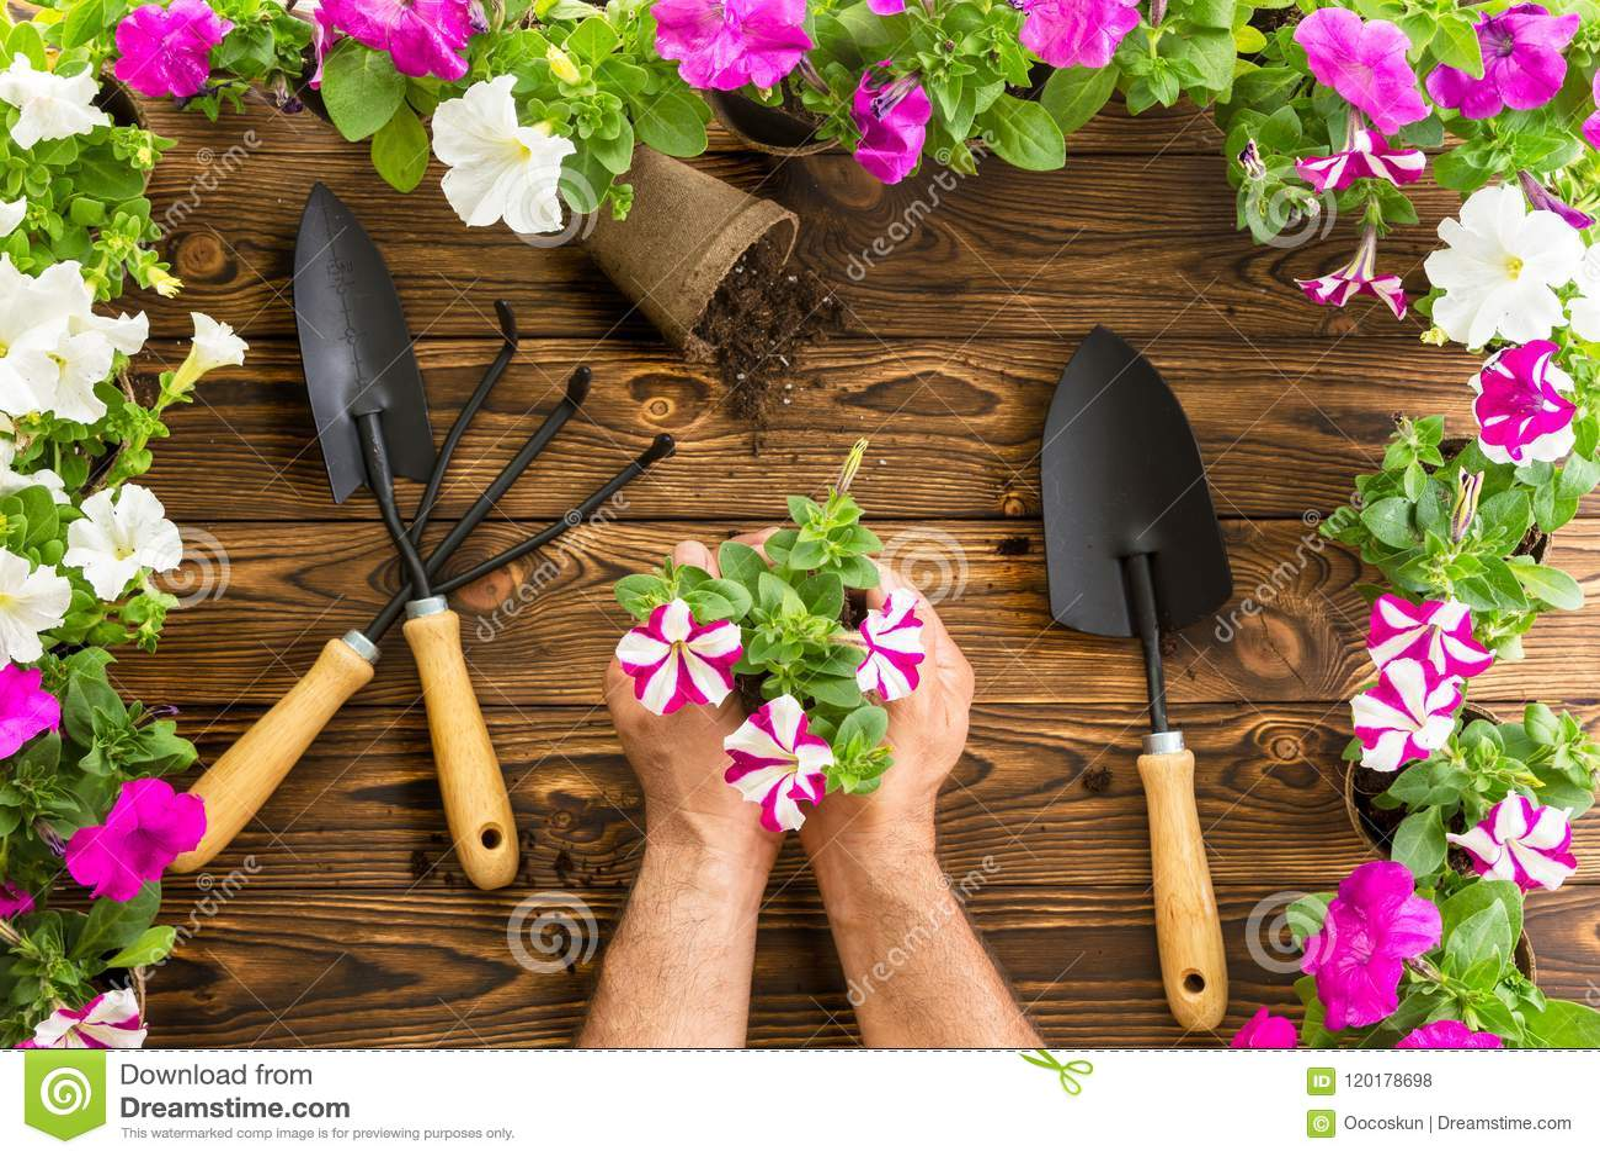 拿着一束春天喇叭花的人或花匠